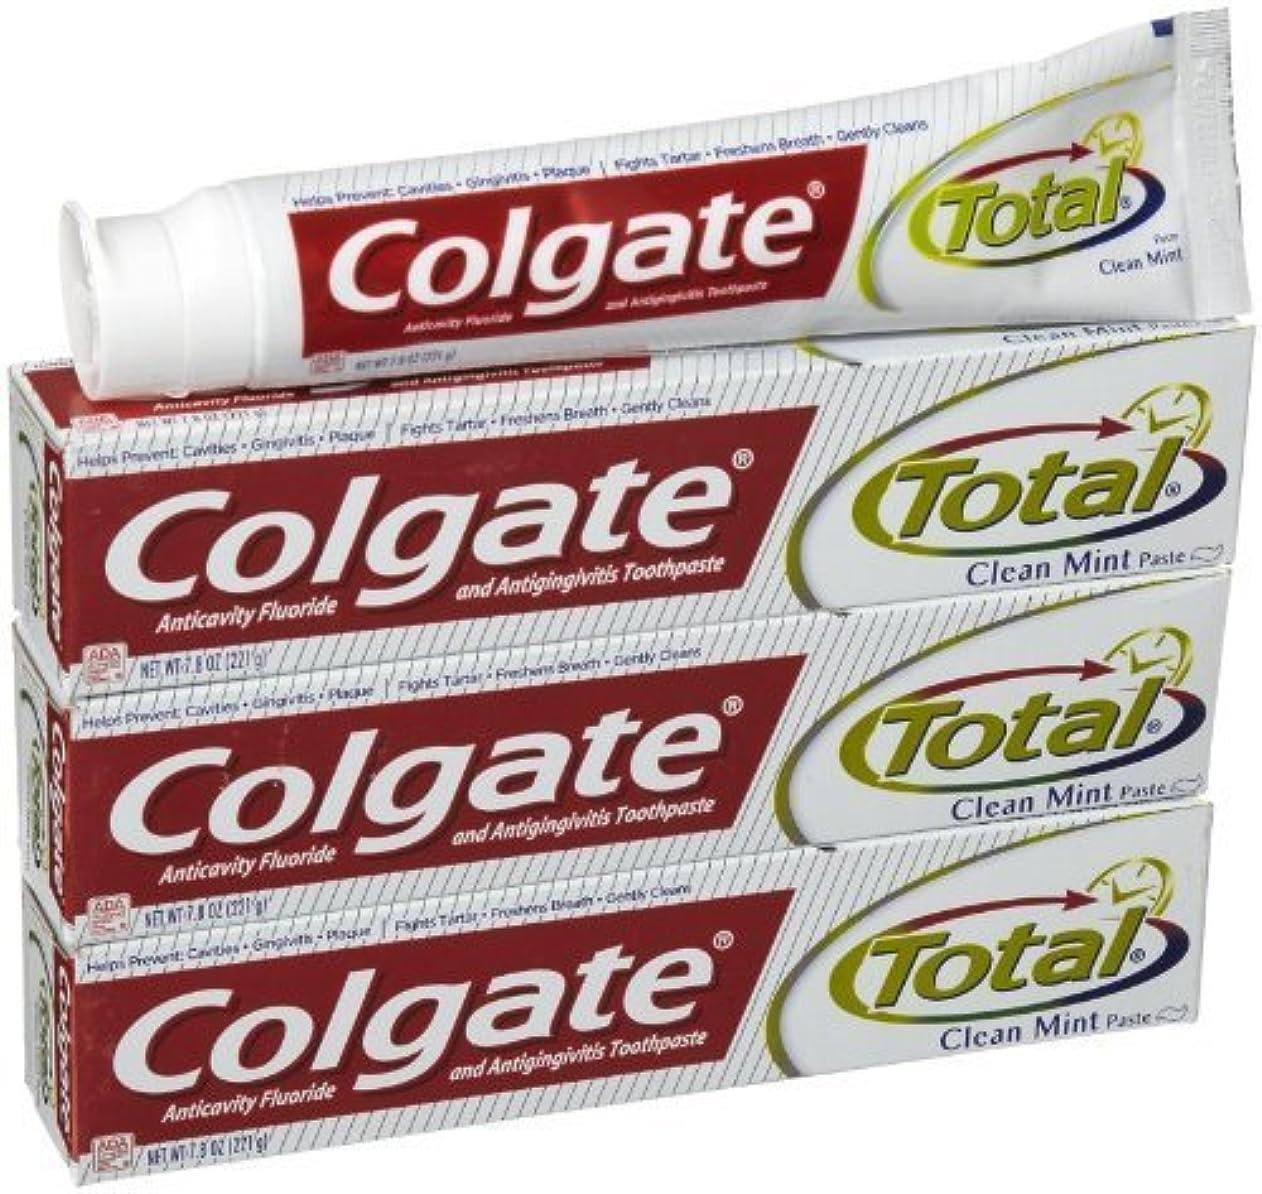 こっそり数学者イタリックコルゲート クリーンミント 歯磨き粉 7.8OZ-3個 Colgate Total Original Toothpast Clean mint